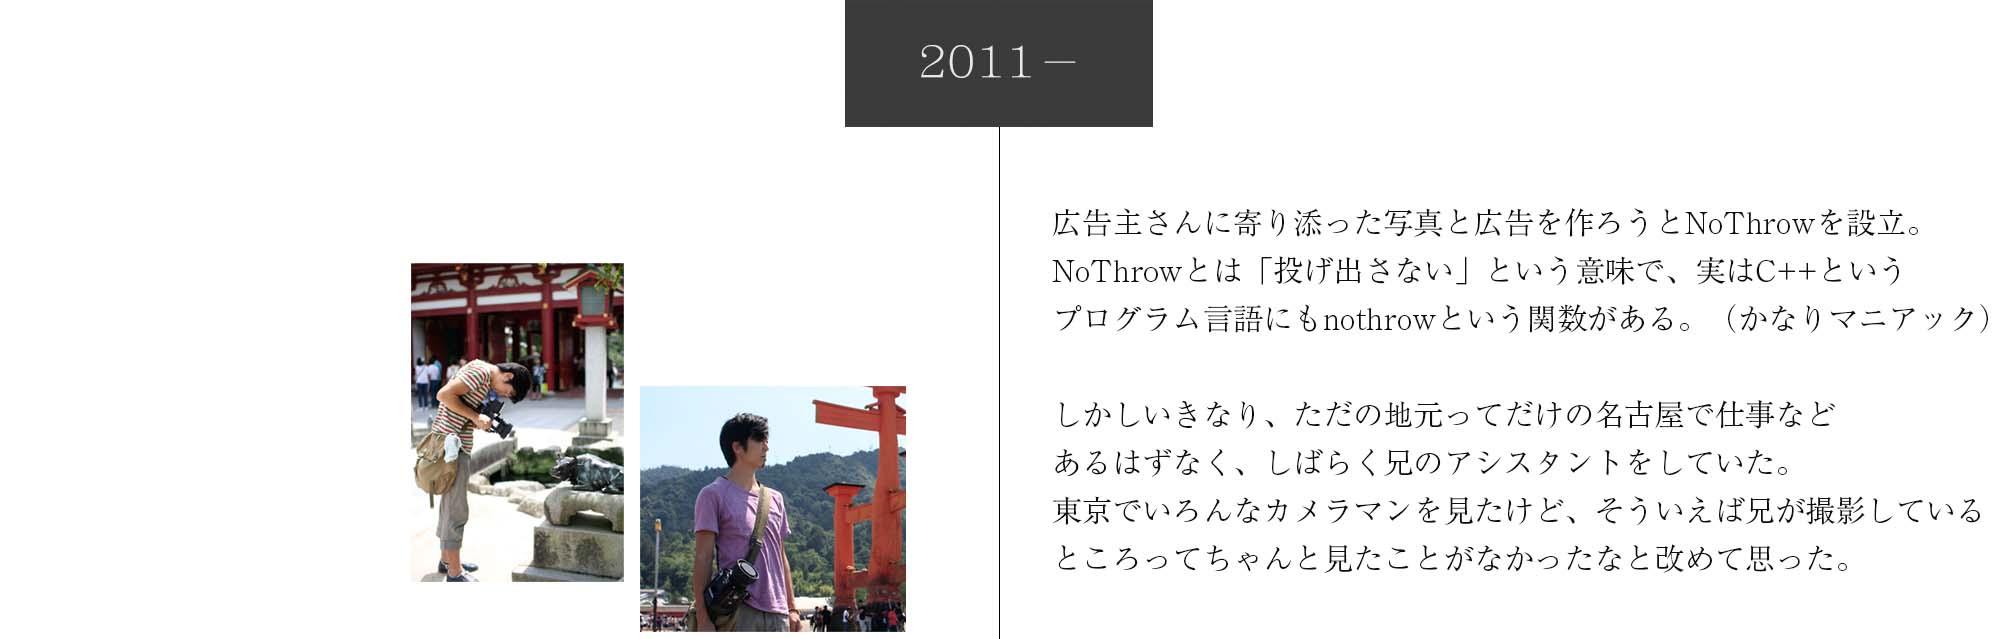 20131228_佐治秀保史_15